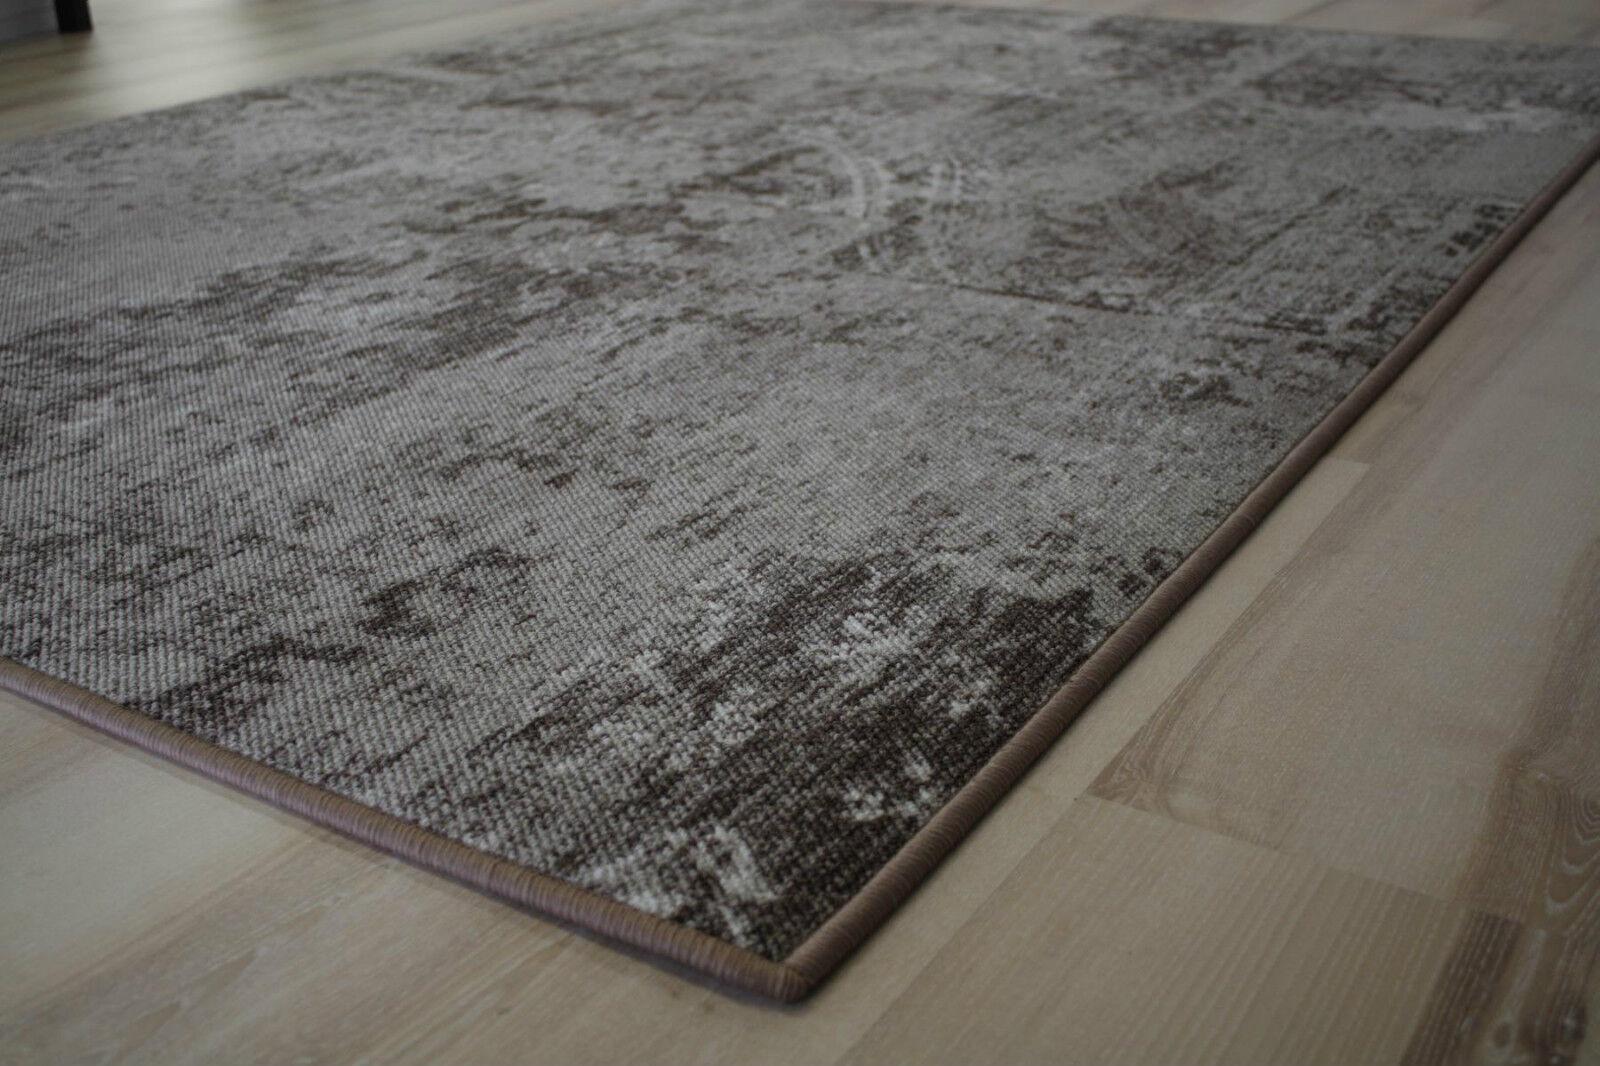 Patchwork Teppich Teppichboden Teppichboden Teppichboden Beige 200x270 cm cae8d4